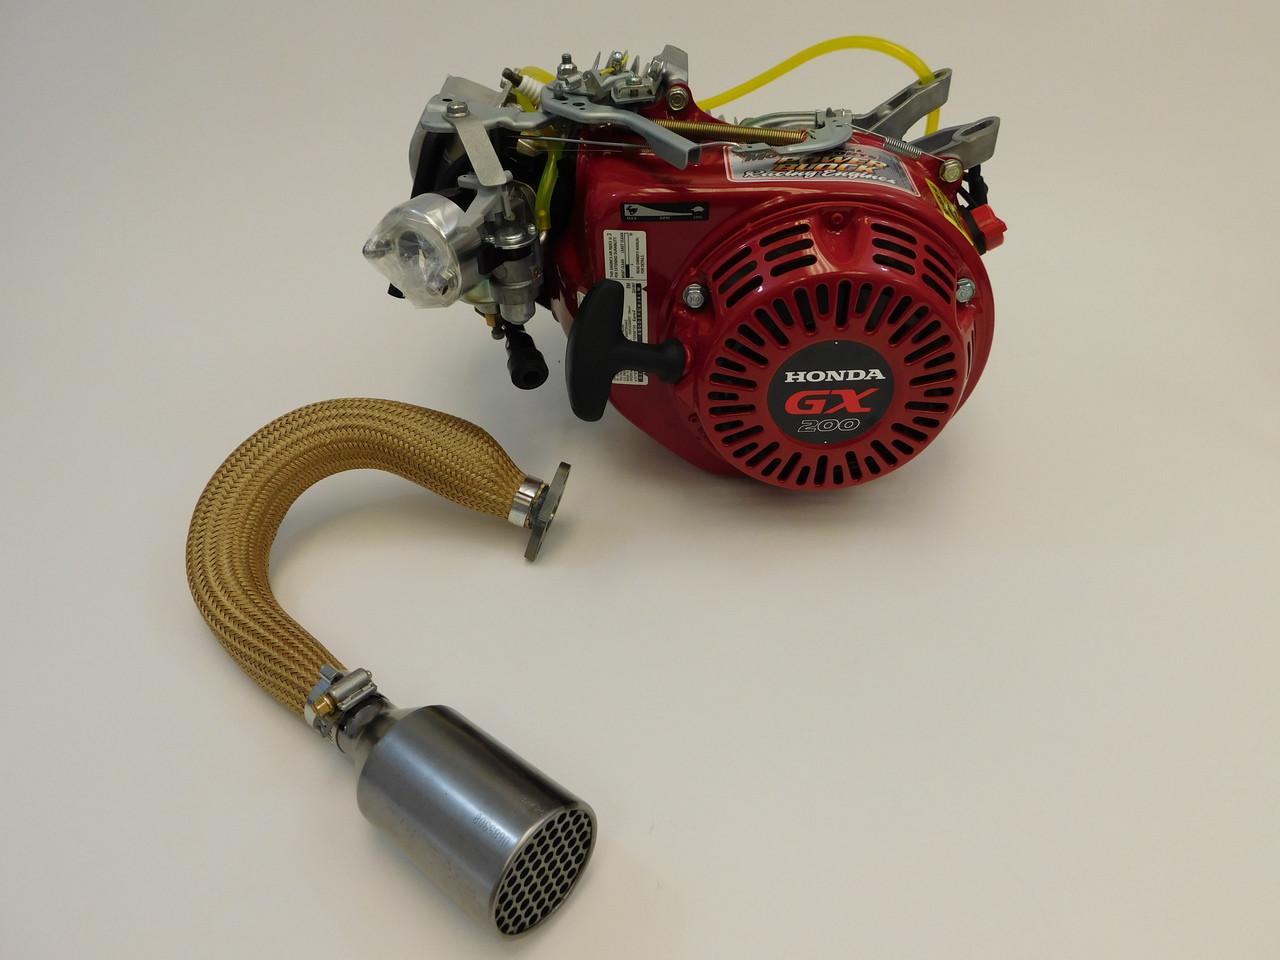 Arctic Cat & Yamaha 120 6 5 Horsepower GX200 Upgrade Engine